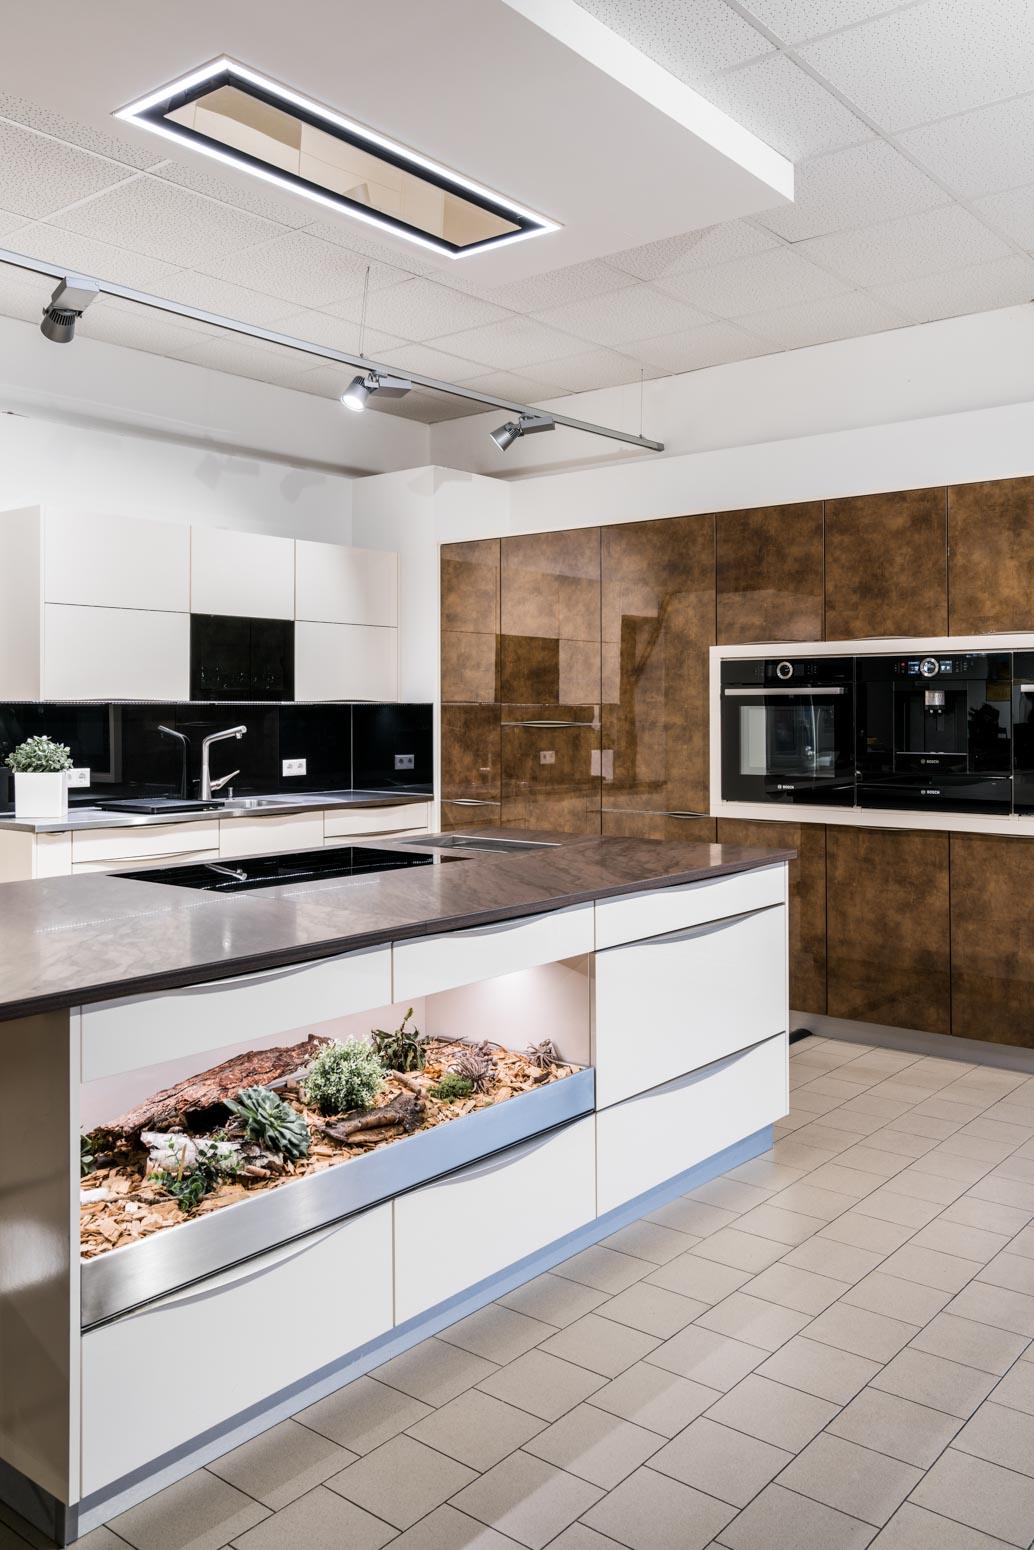 Weisser Küchenstudio Küchenzeile mit großer Arbeitsplatte